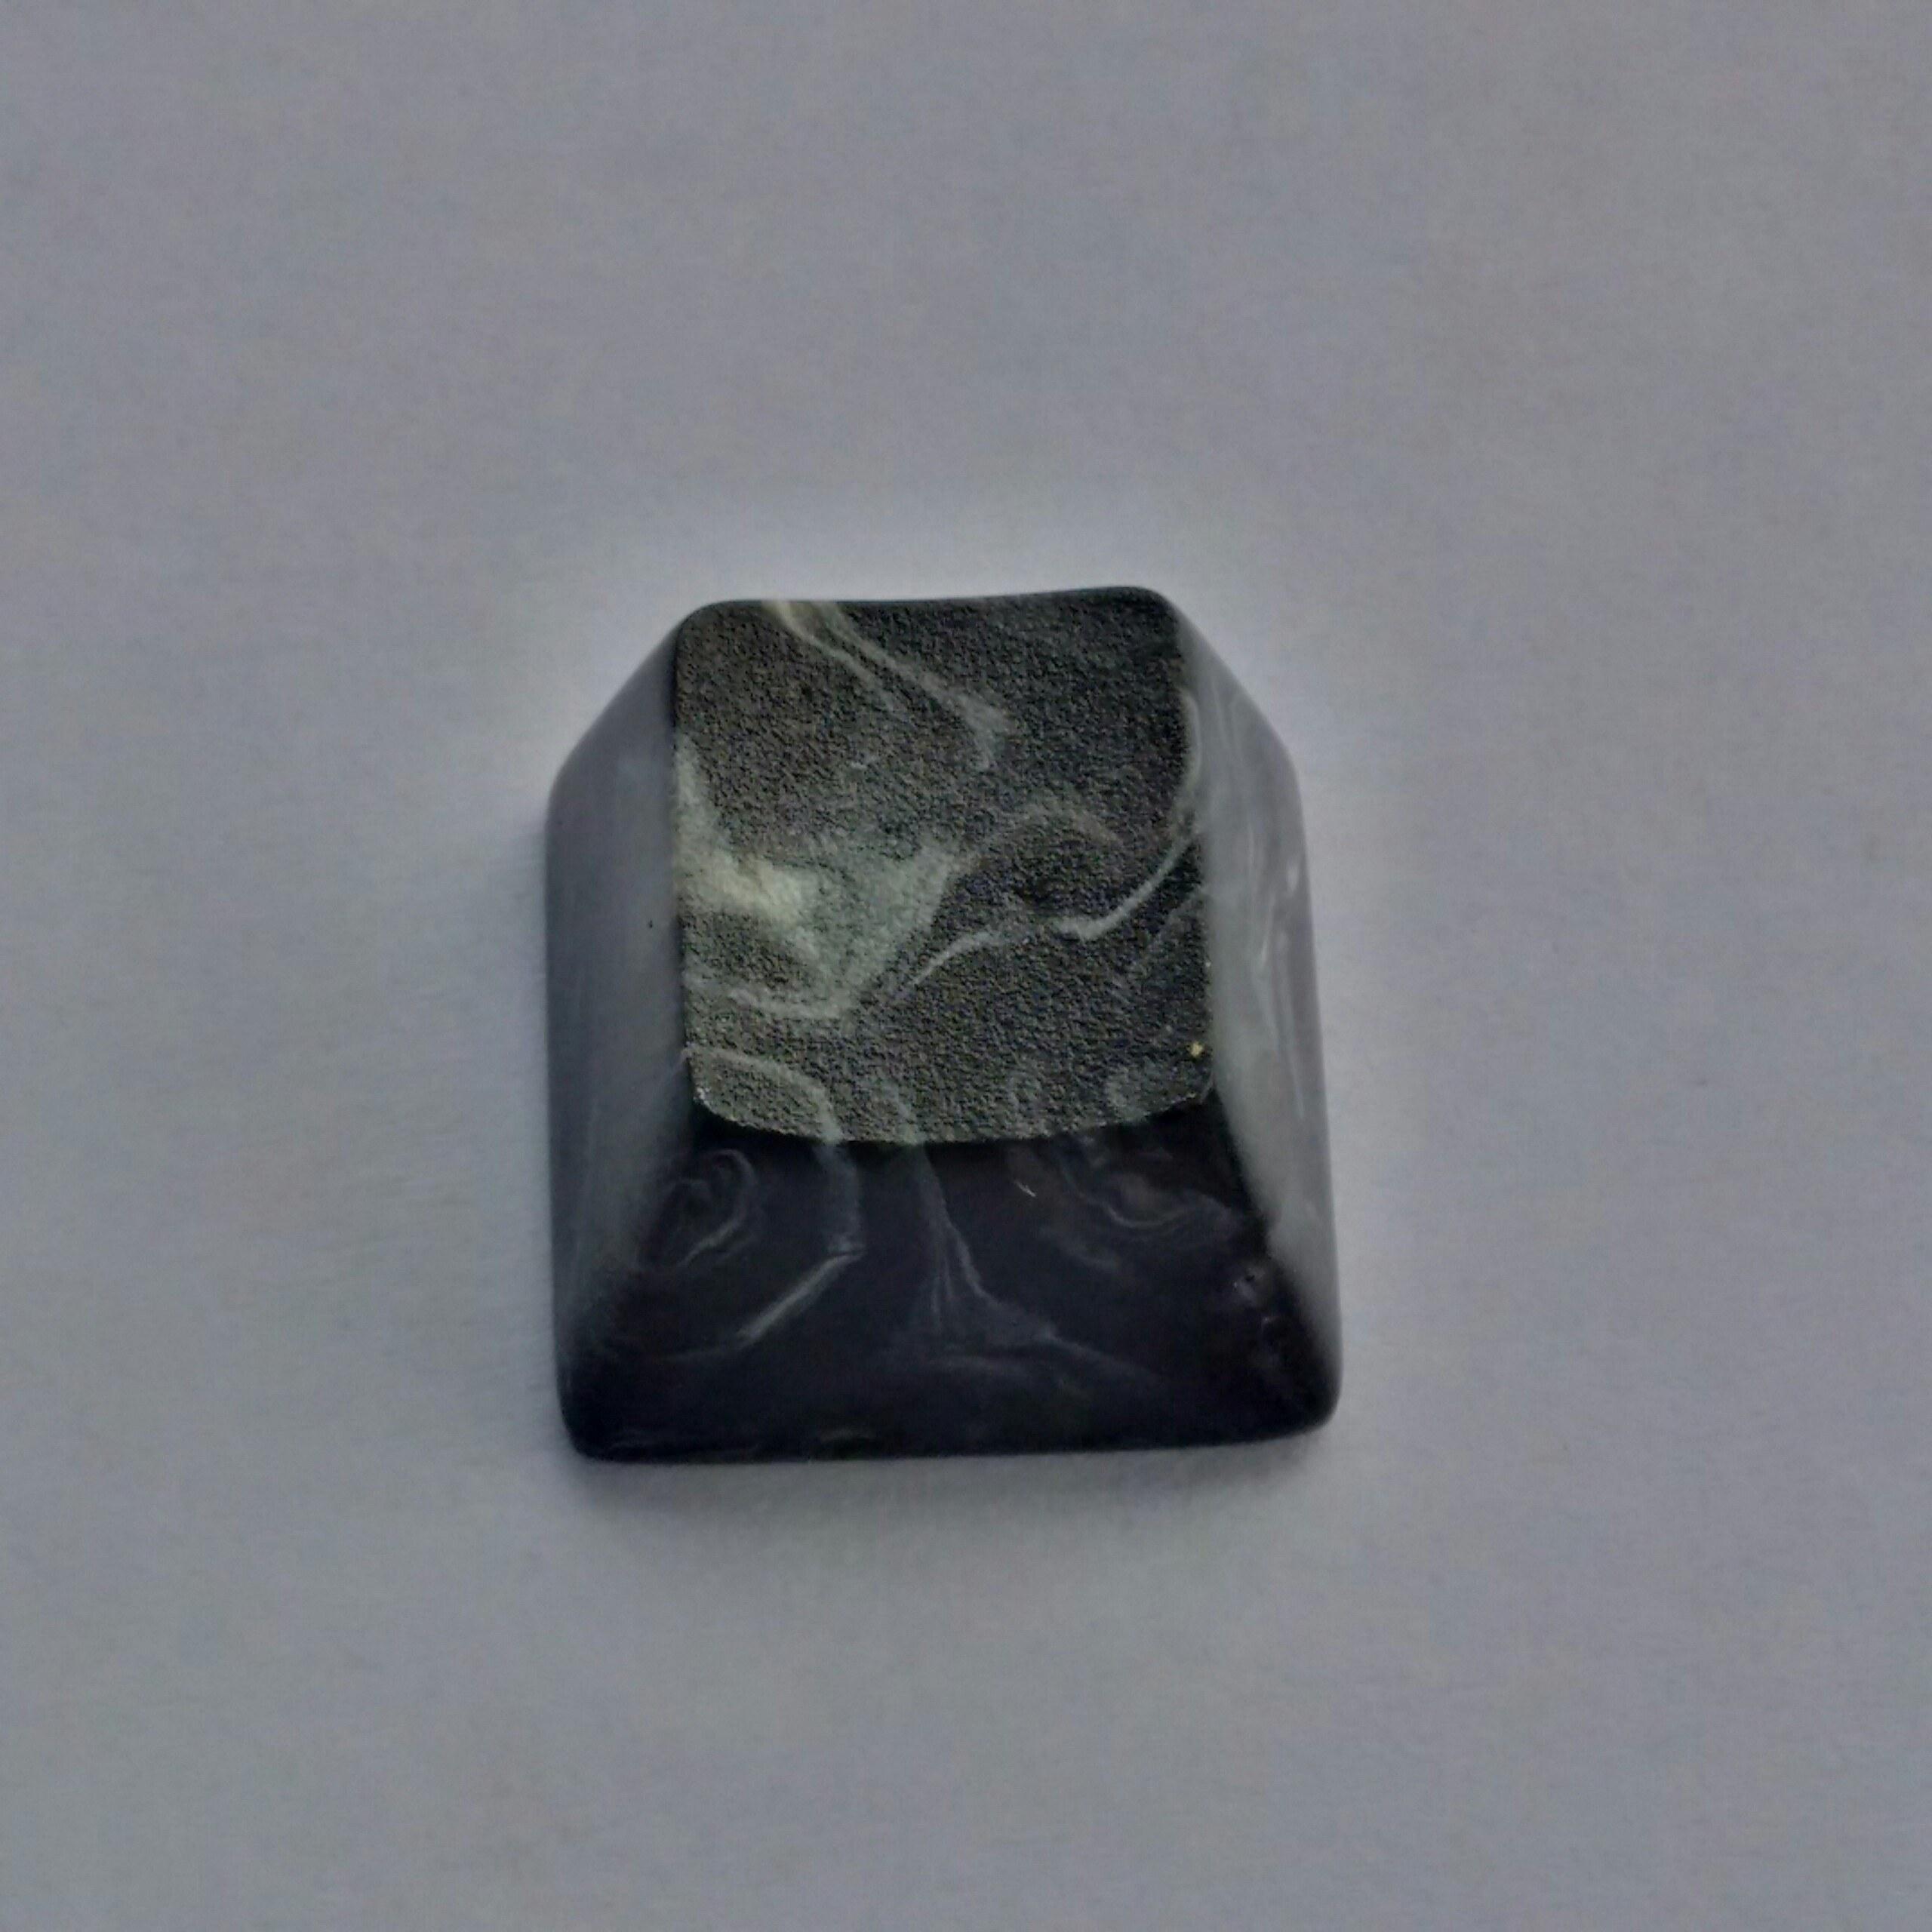 marble-topre-5-black-2